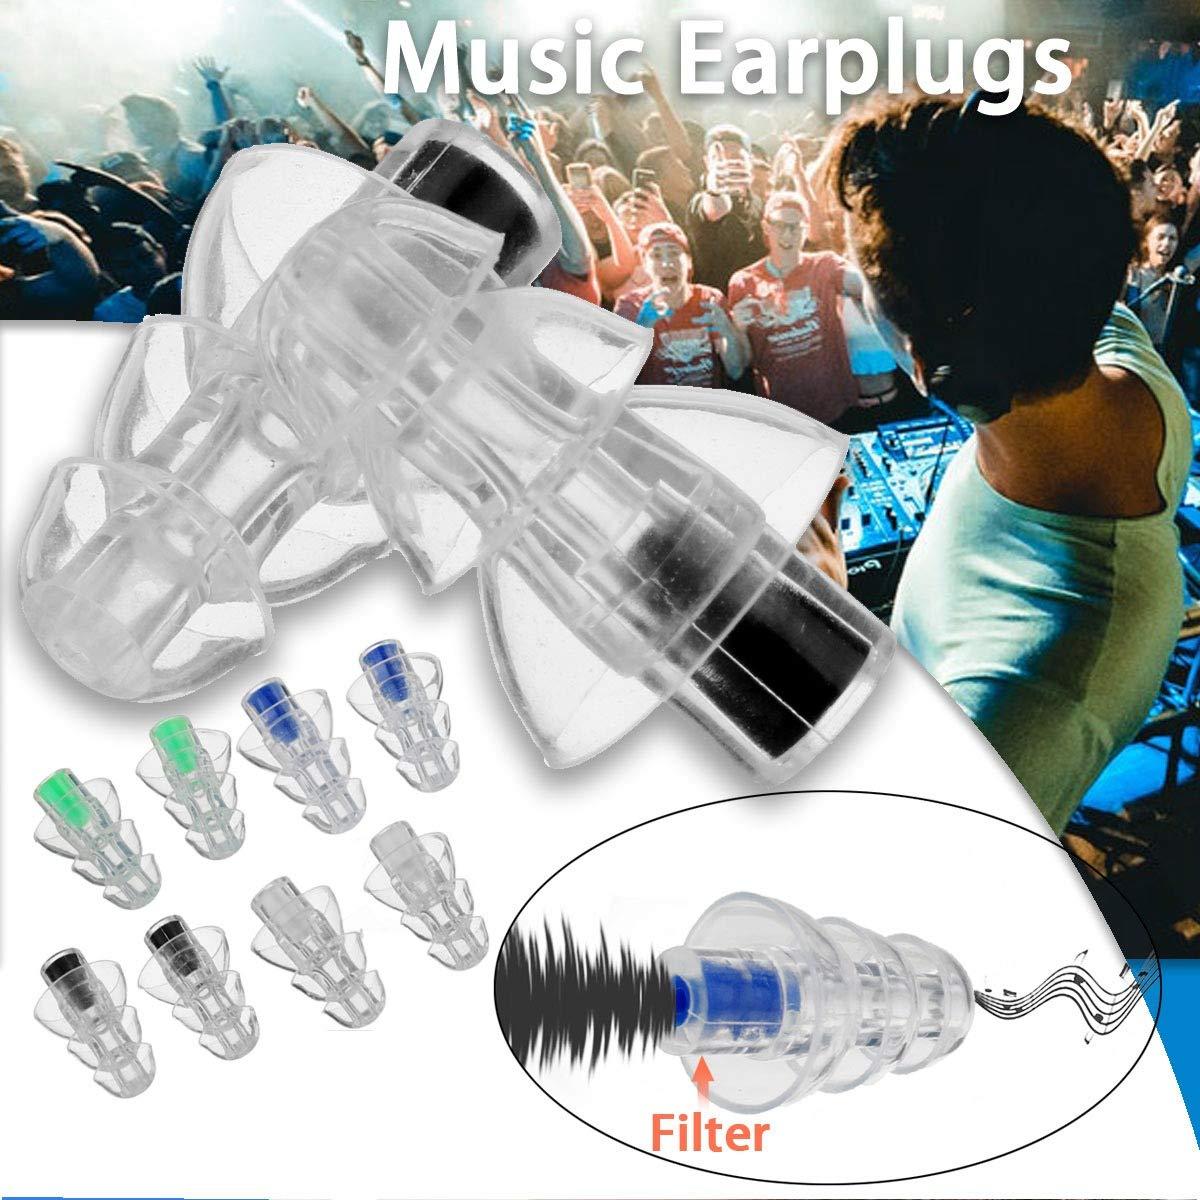 Negro Vaorwne 27Db Silicona Earbud Musician Filter Tapones para Los O/íDos Reducci/óN De Ruido Cancelaci/óN De la Protecci/óN Auditiva Earbud Reutilizable Cuidado Del Sue?o para Dj